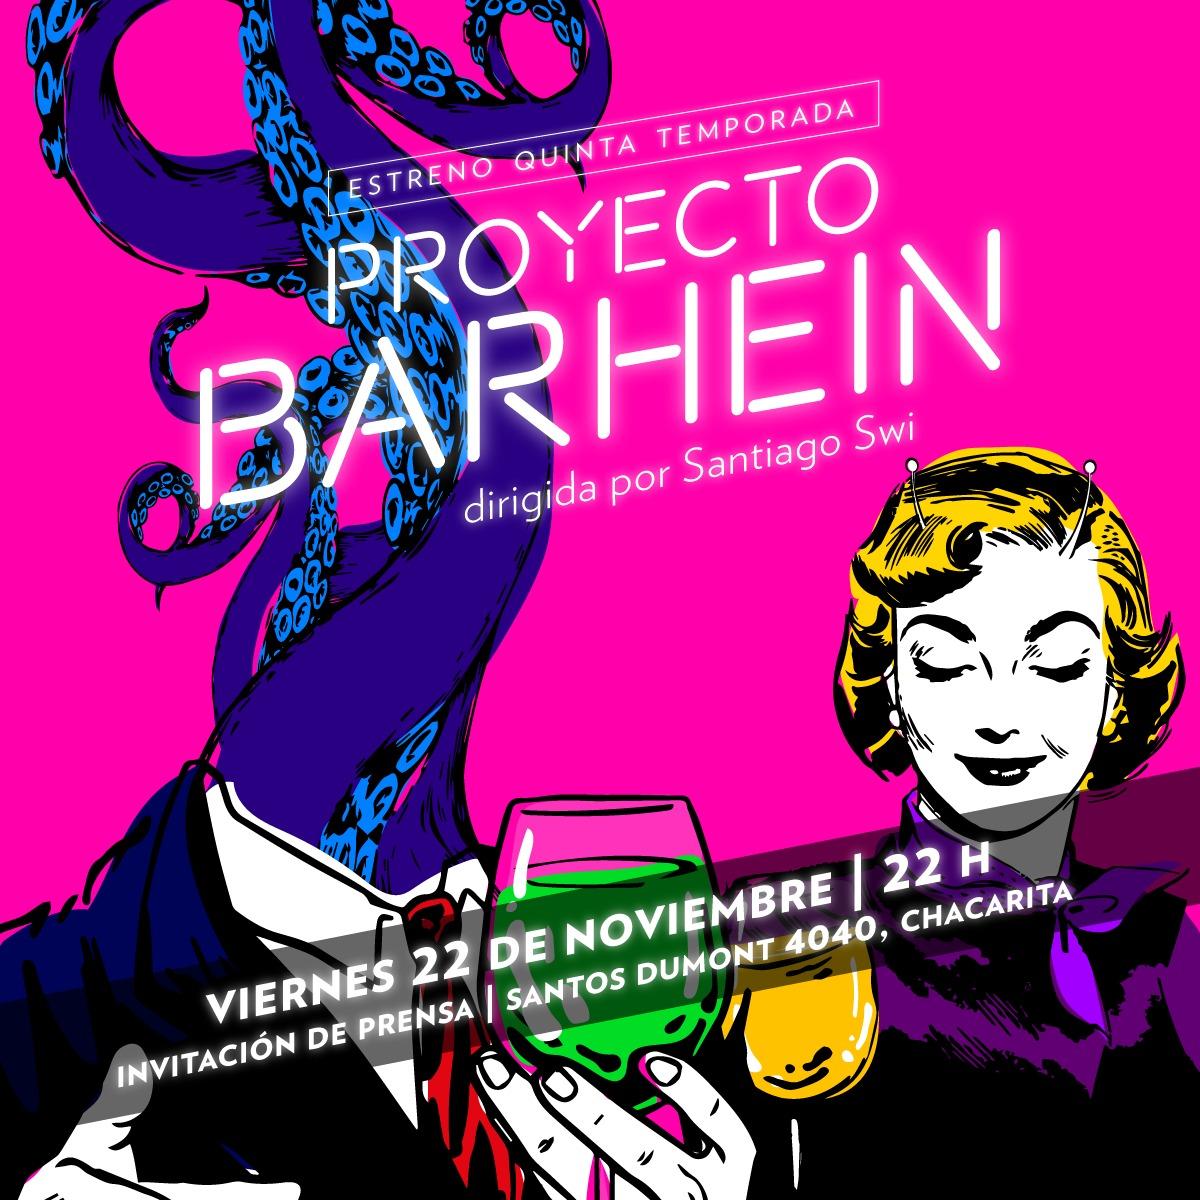 Proyecto Barhein, una experiencia teatral en 360